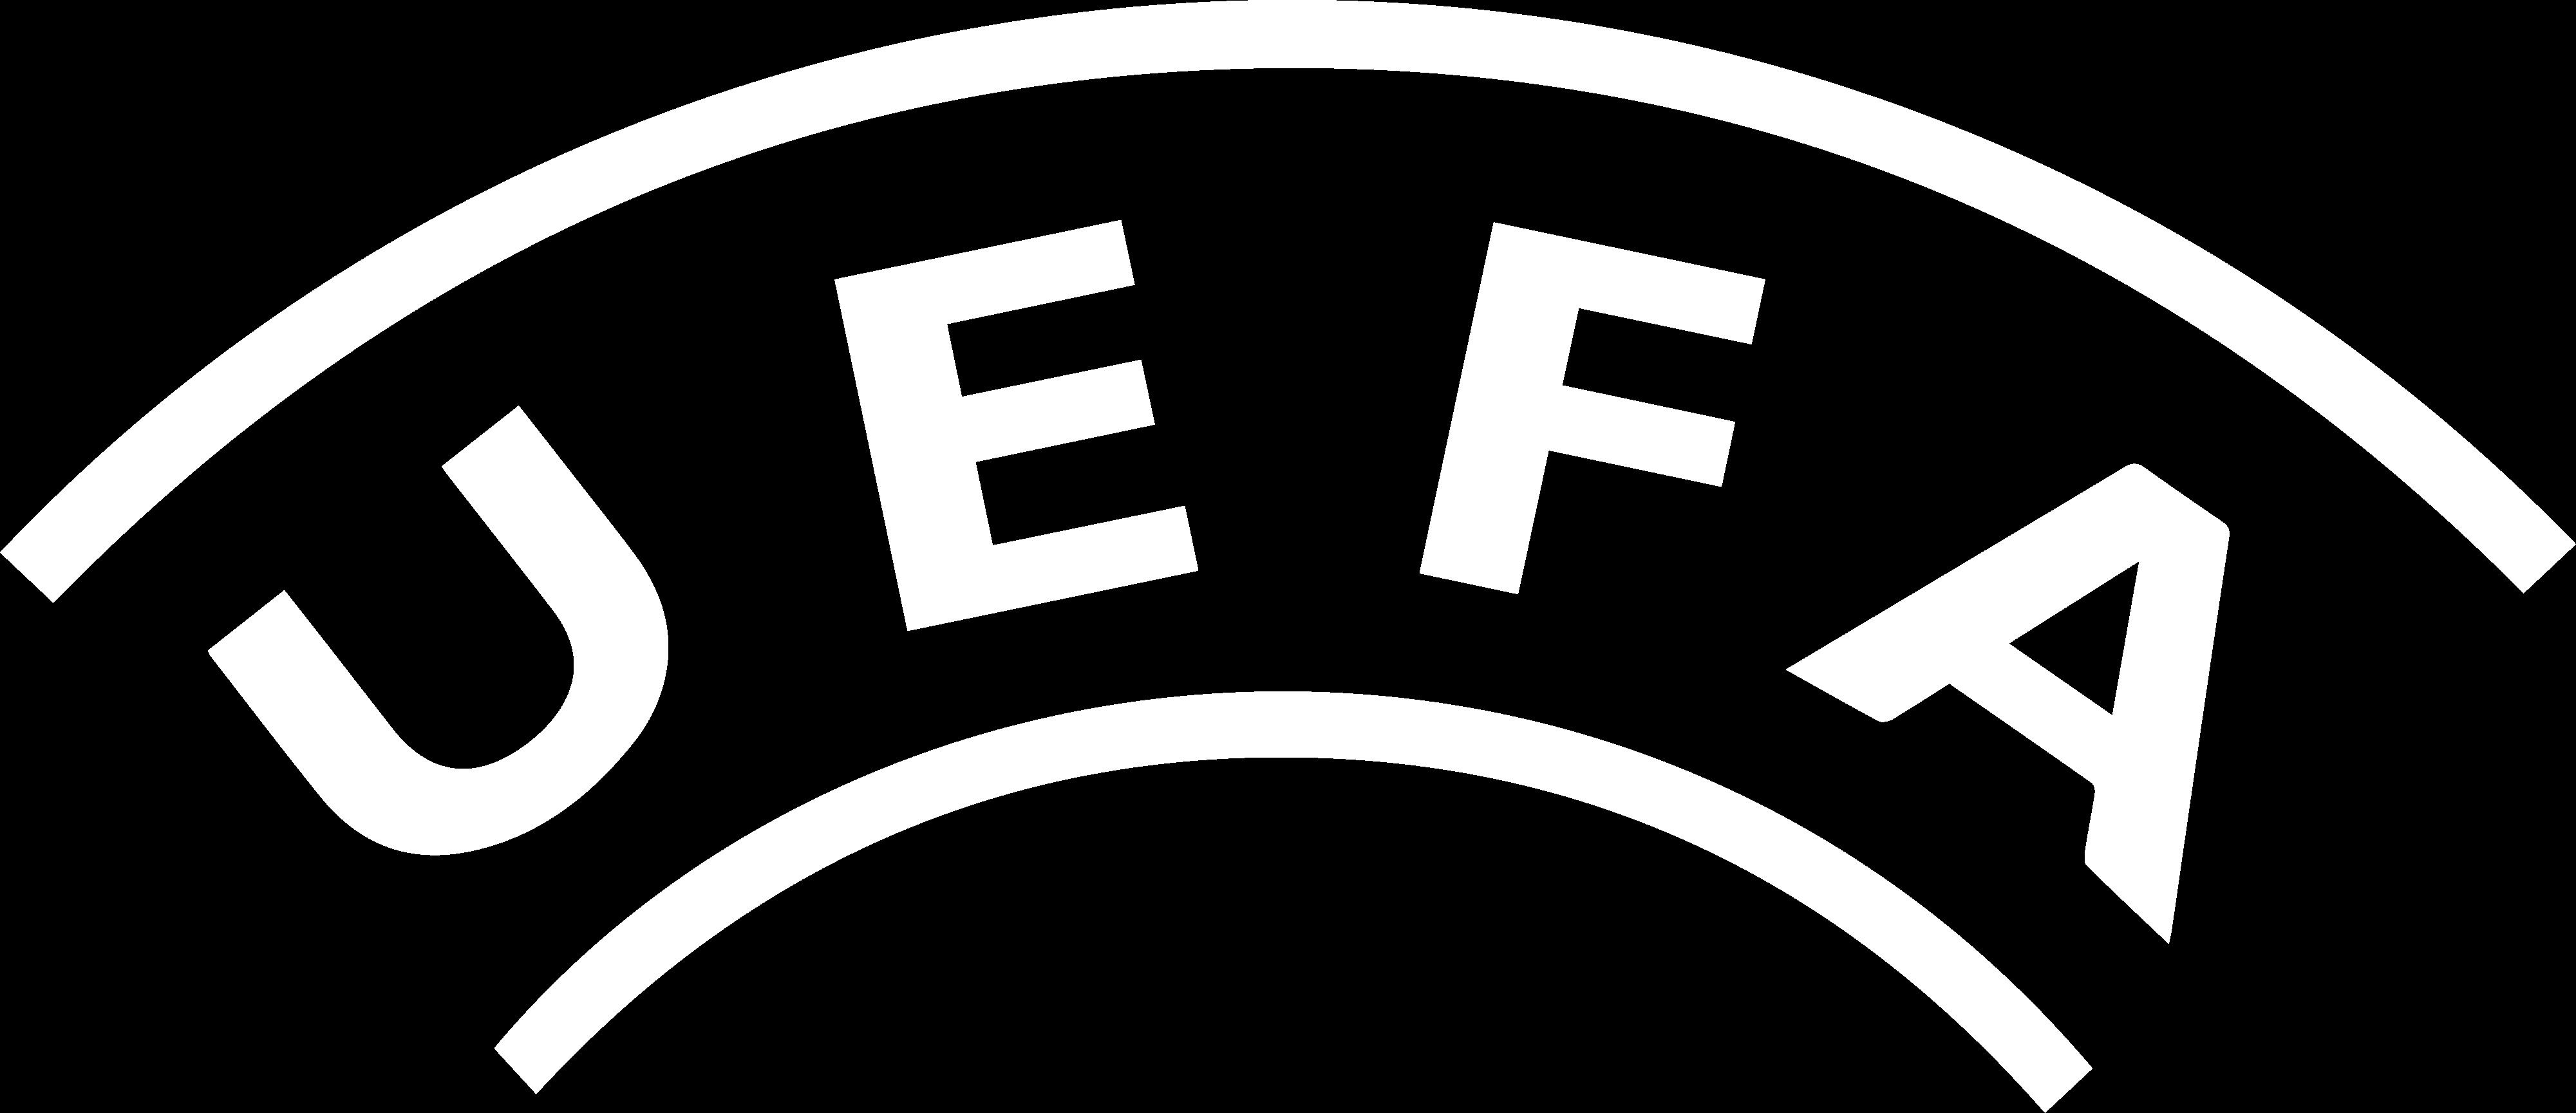 UEFA@4x